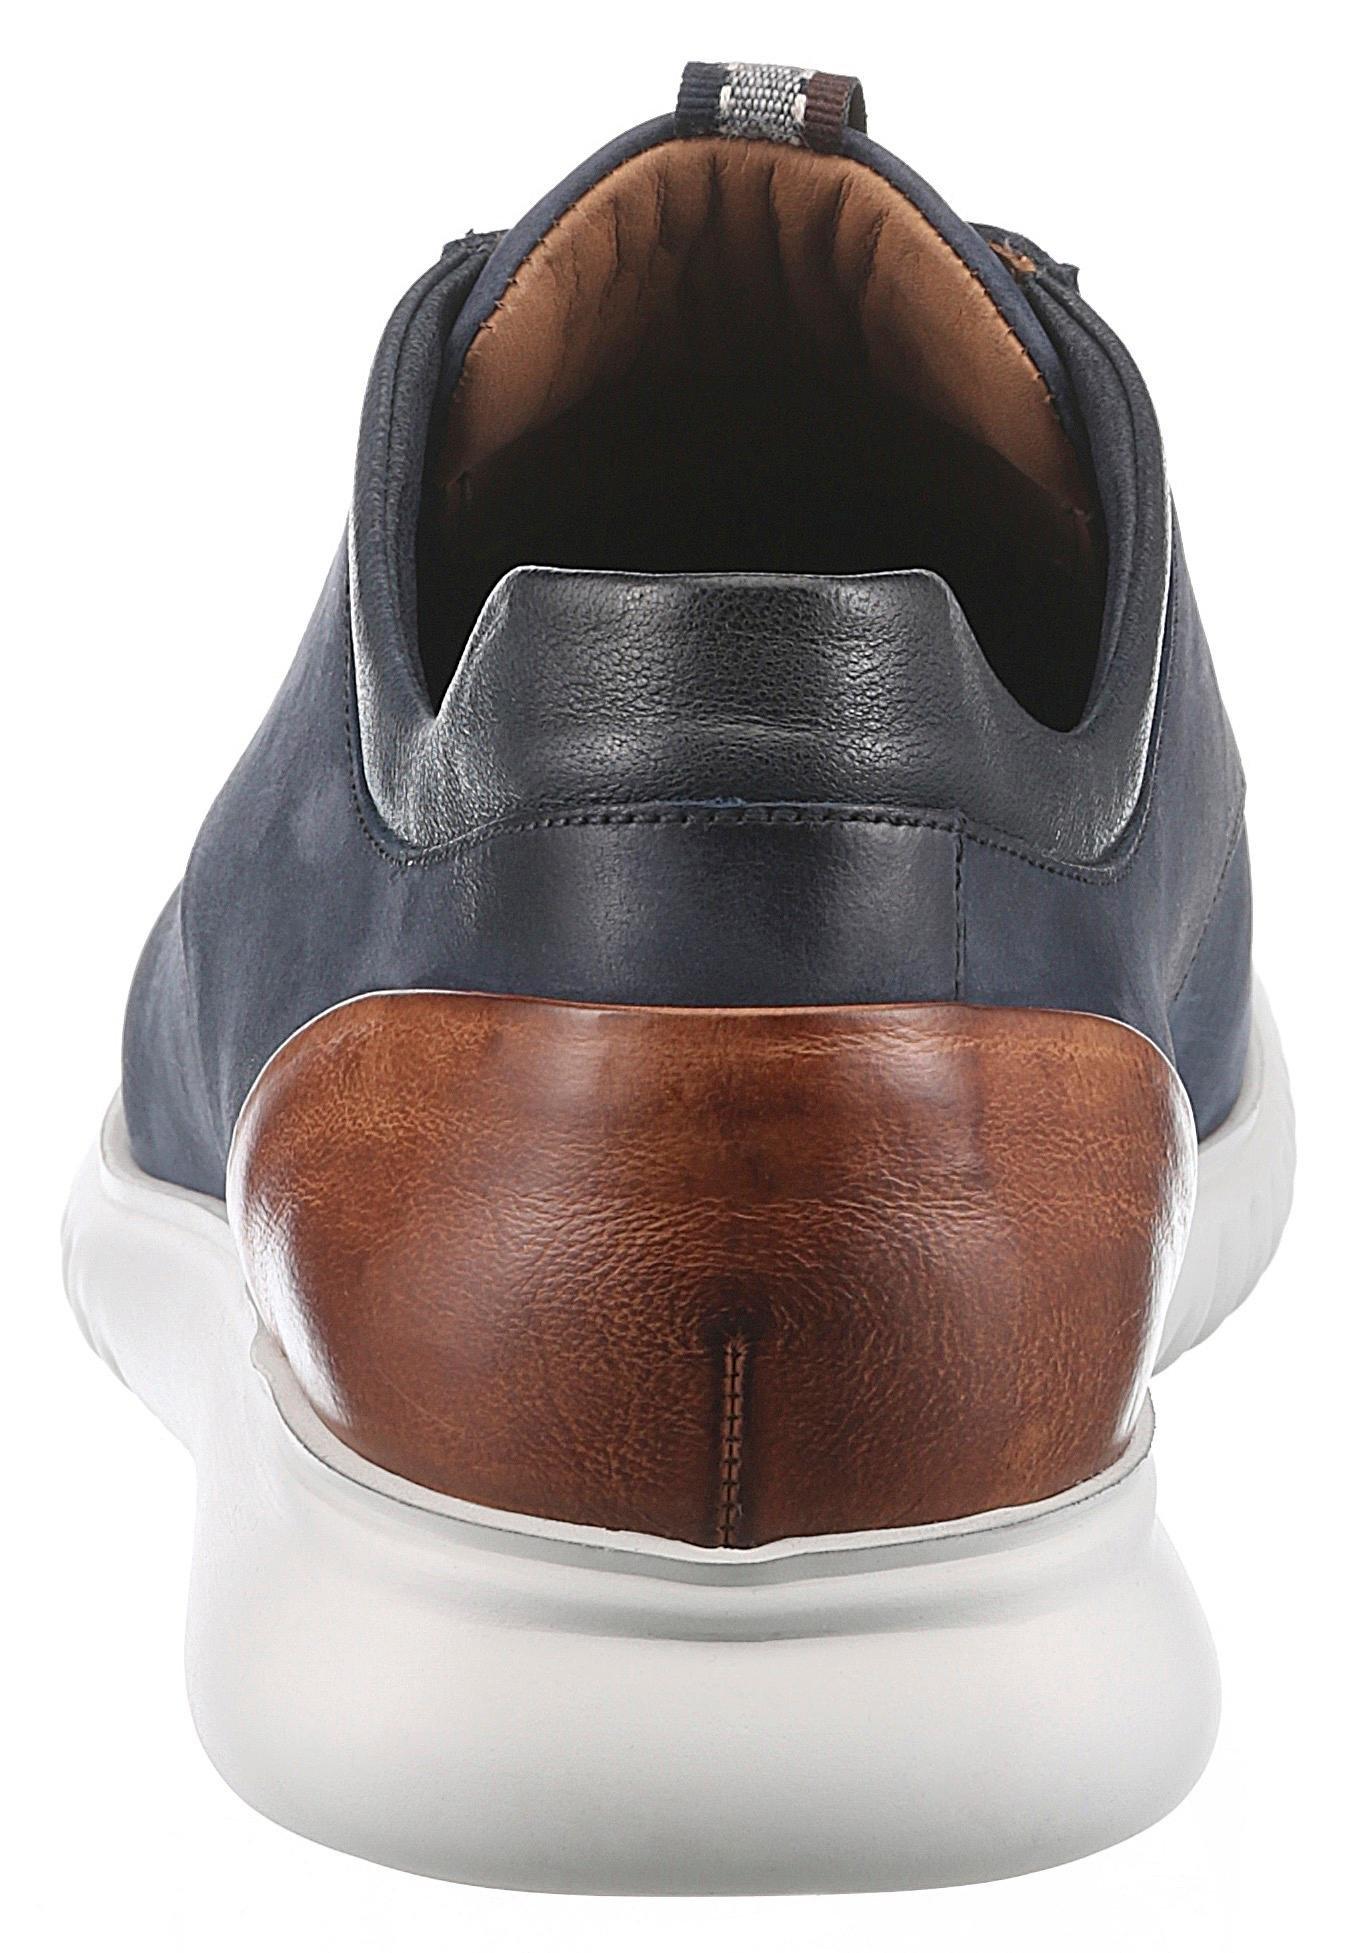 Lloyd Snel Gekocht Lloyd Online Snel Sneakersaristo Sneakersaristo Online Lloyd Gekocht QdoWxBreCE